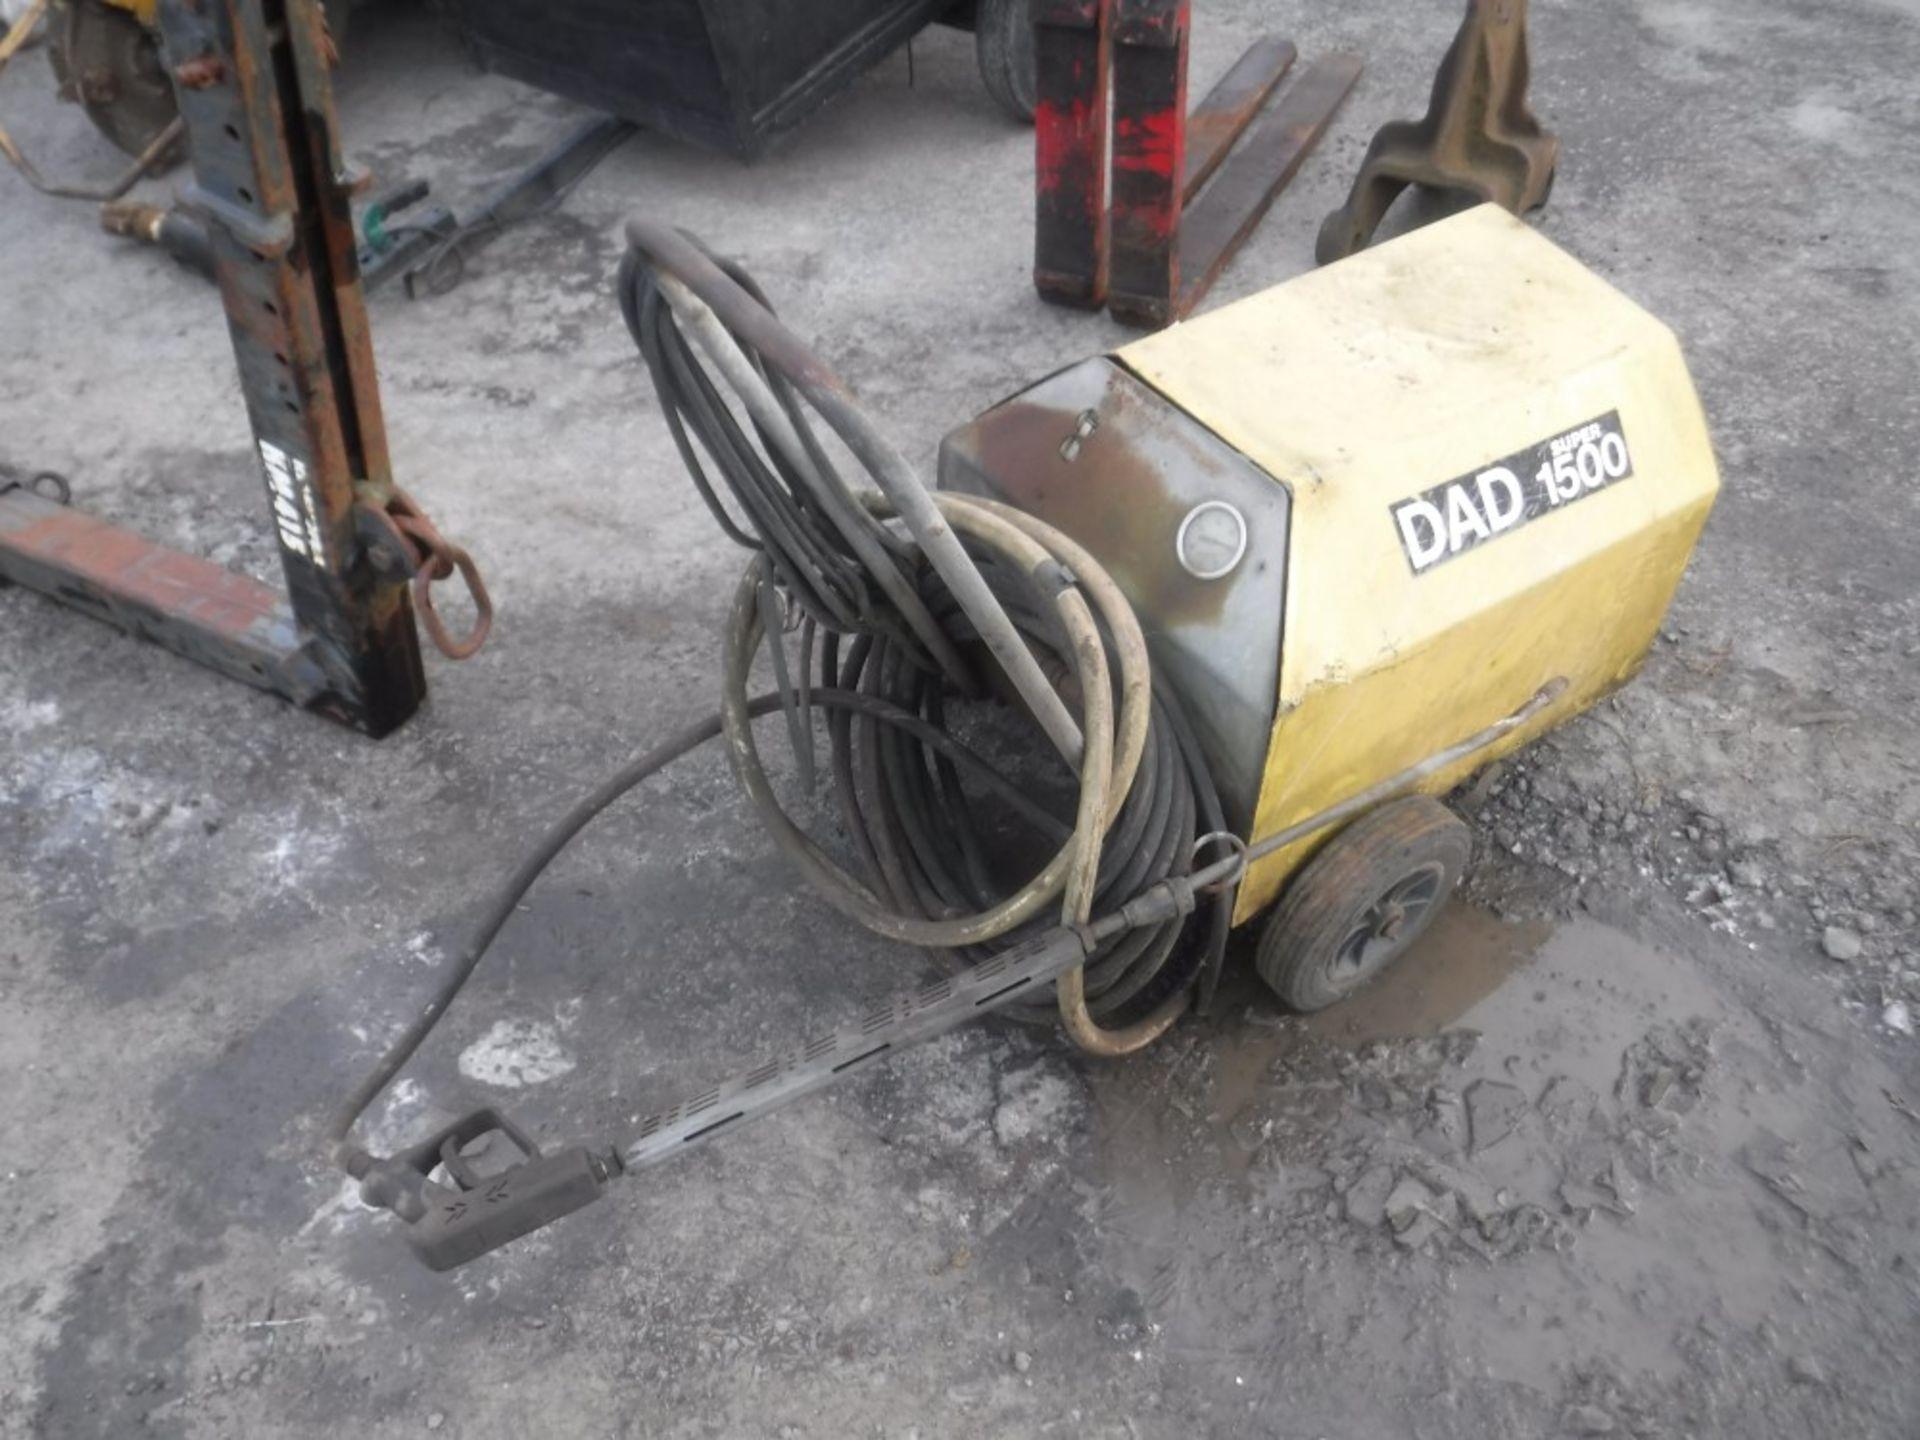 Lot 1137 - DAD SUPER 1500 ELECTRIC PRESSURE WASHER [+ VAT]